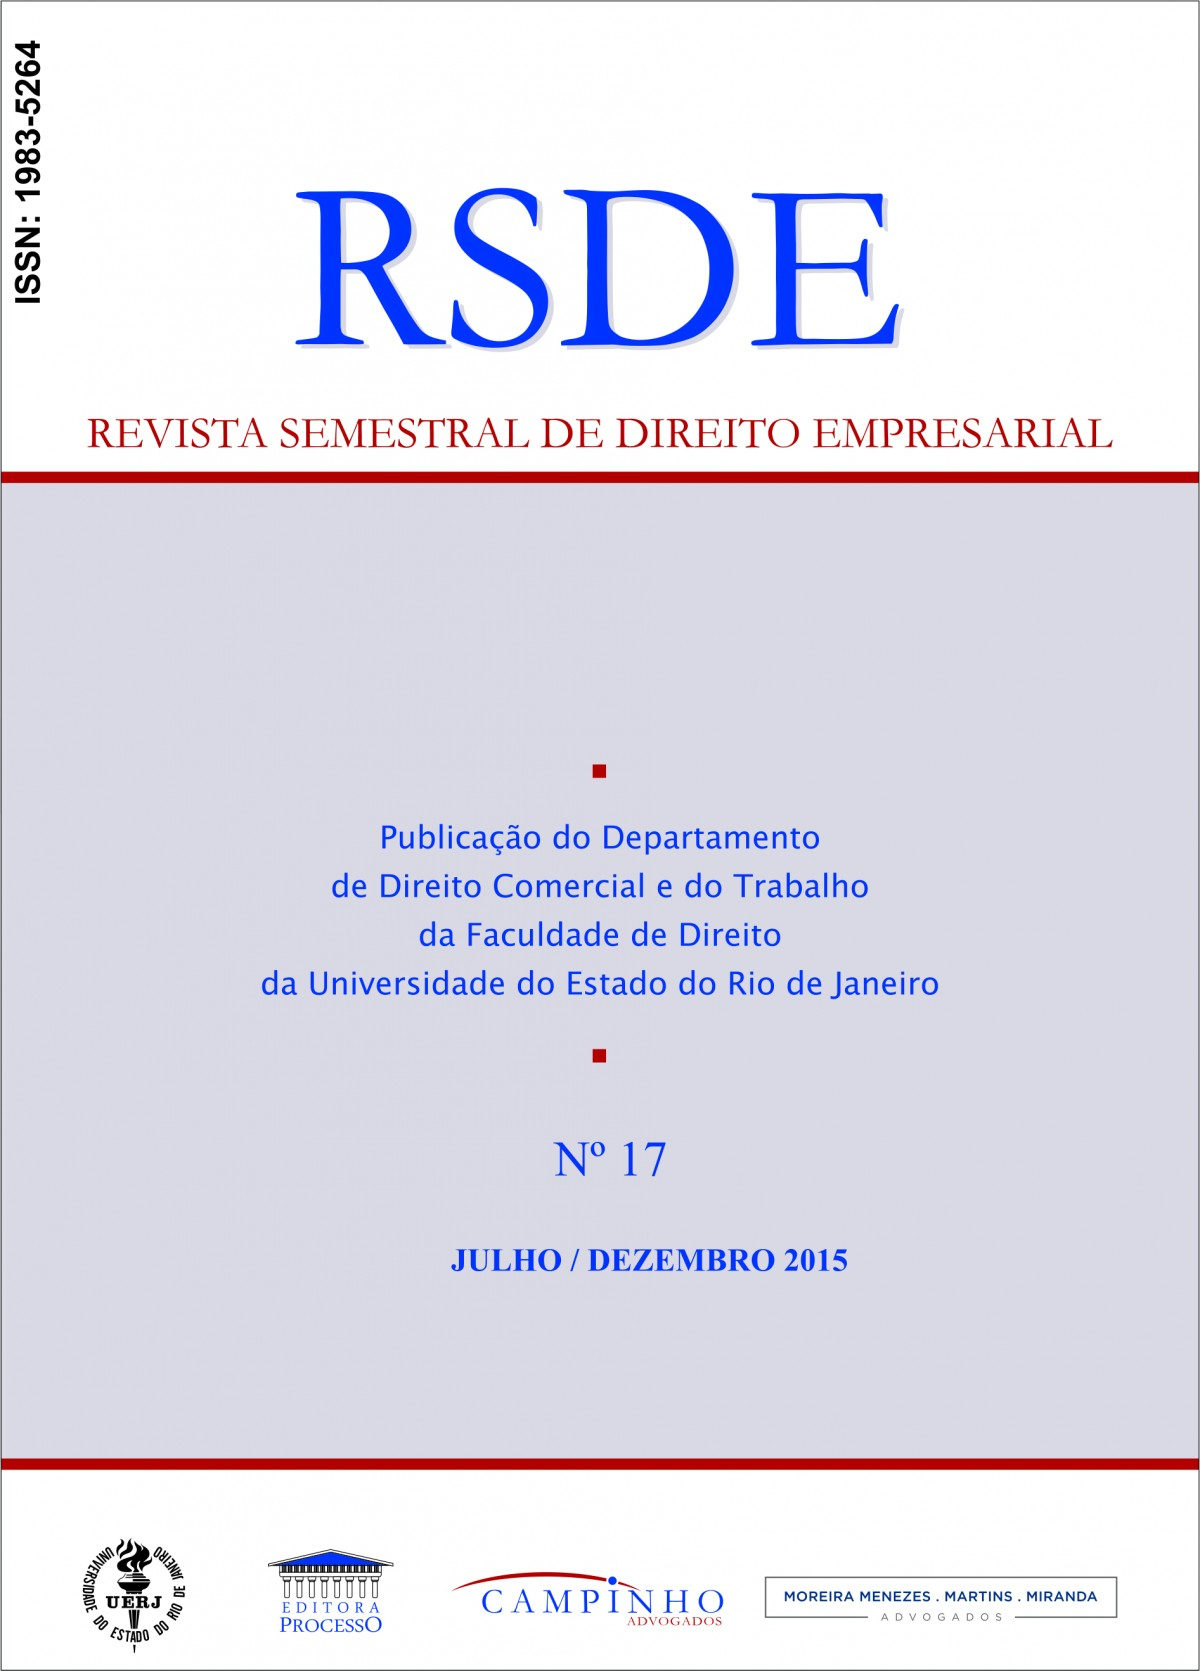 Foto 1 - RSDE 17